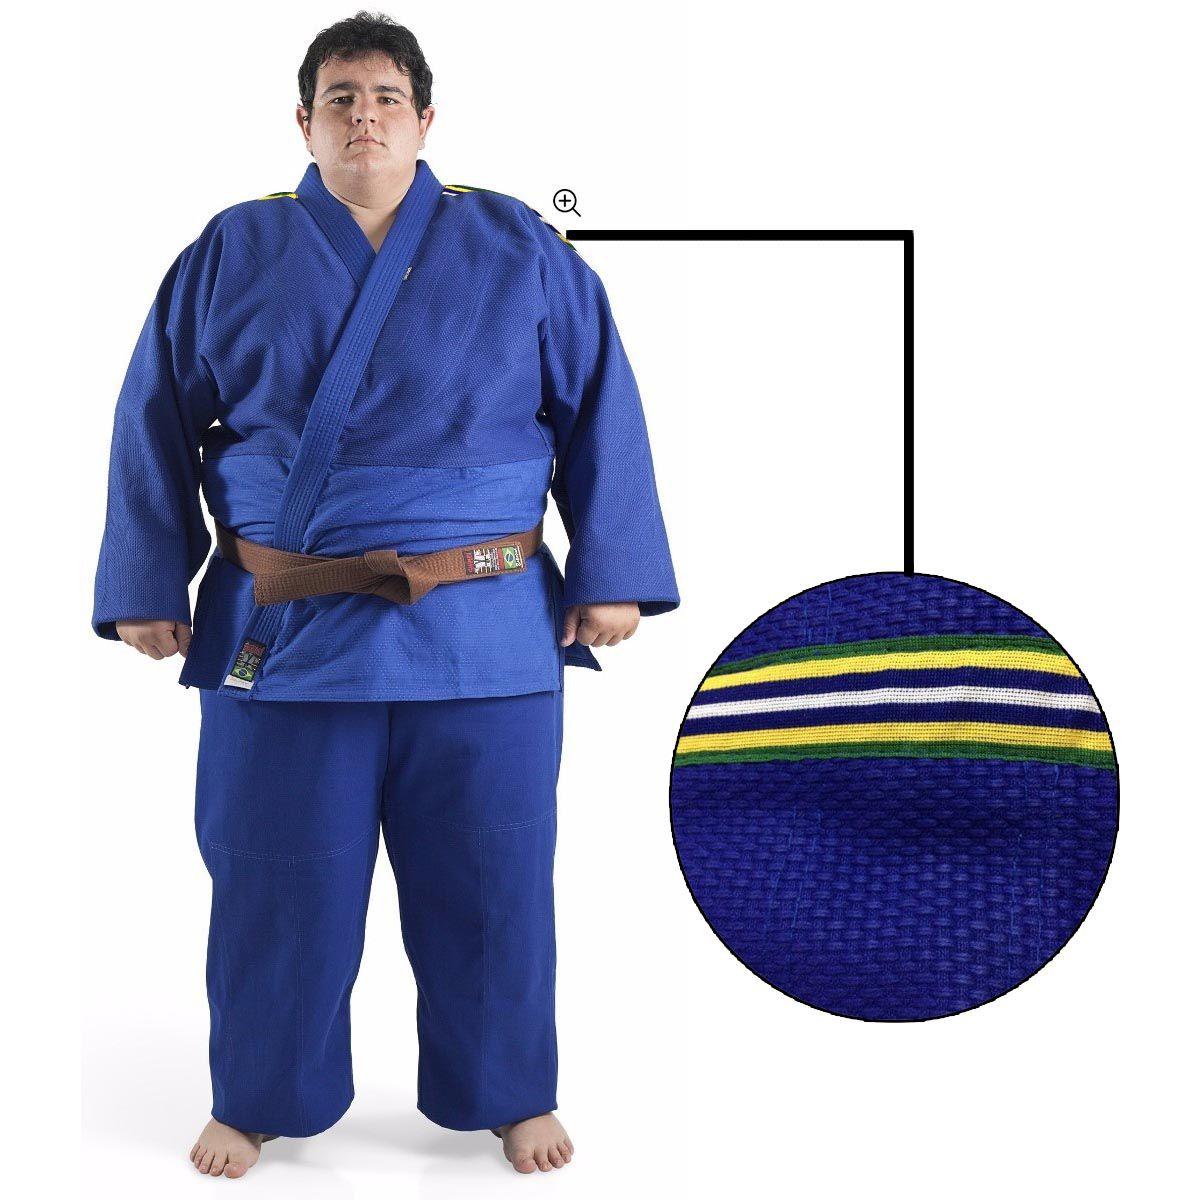 Kimono Judo - Trancado - Master - Brazilian Colors - Shiroi - Azul -  - Loja do Competidor